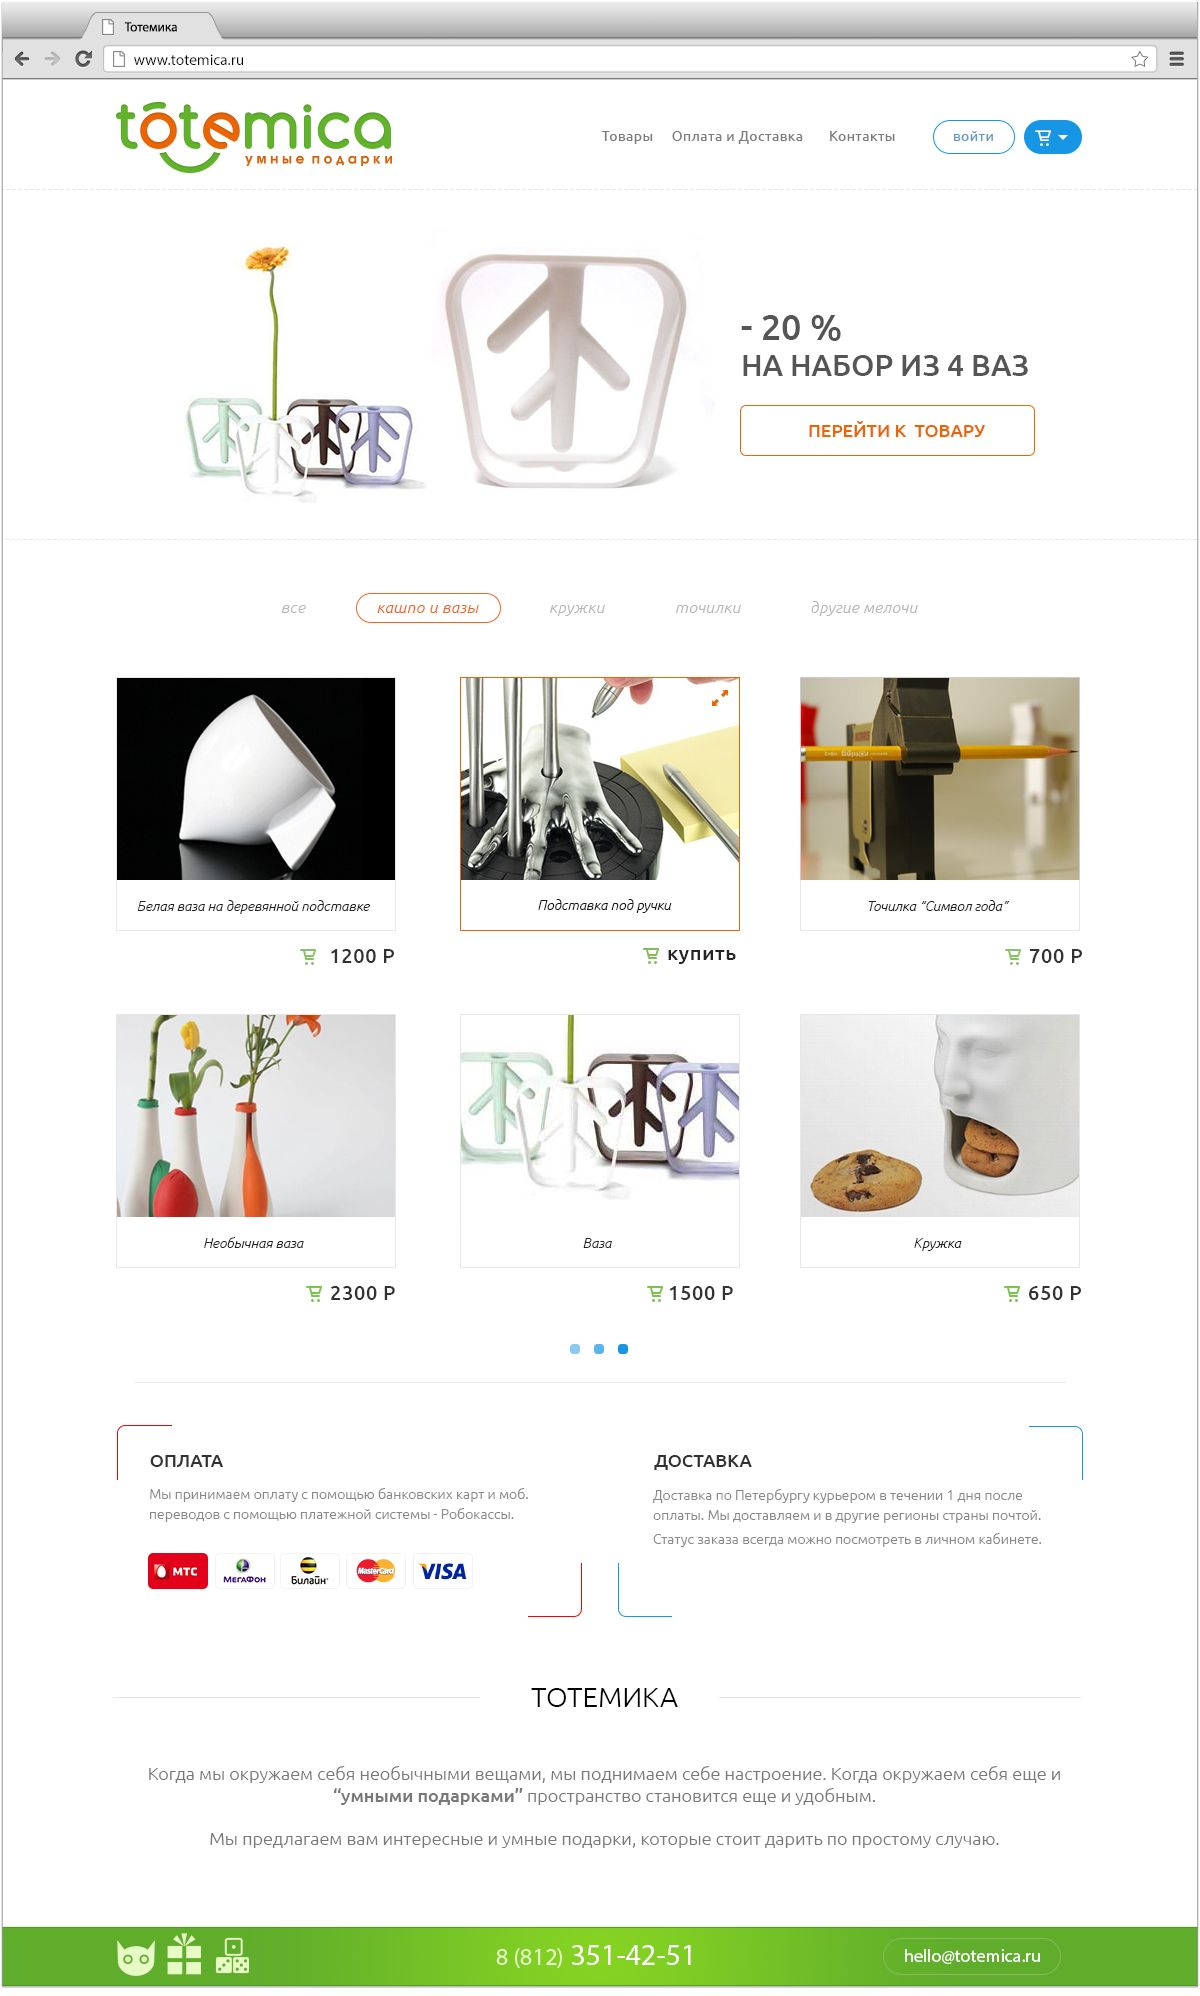 Дизайн сайта интернет магазина - дизайнер Wizardland